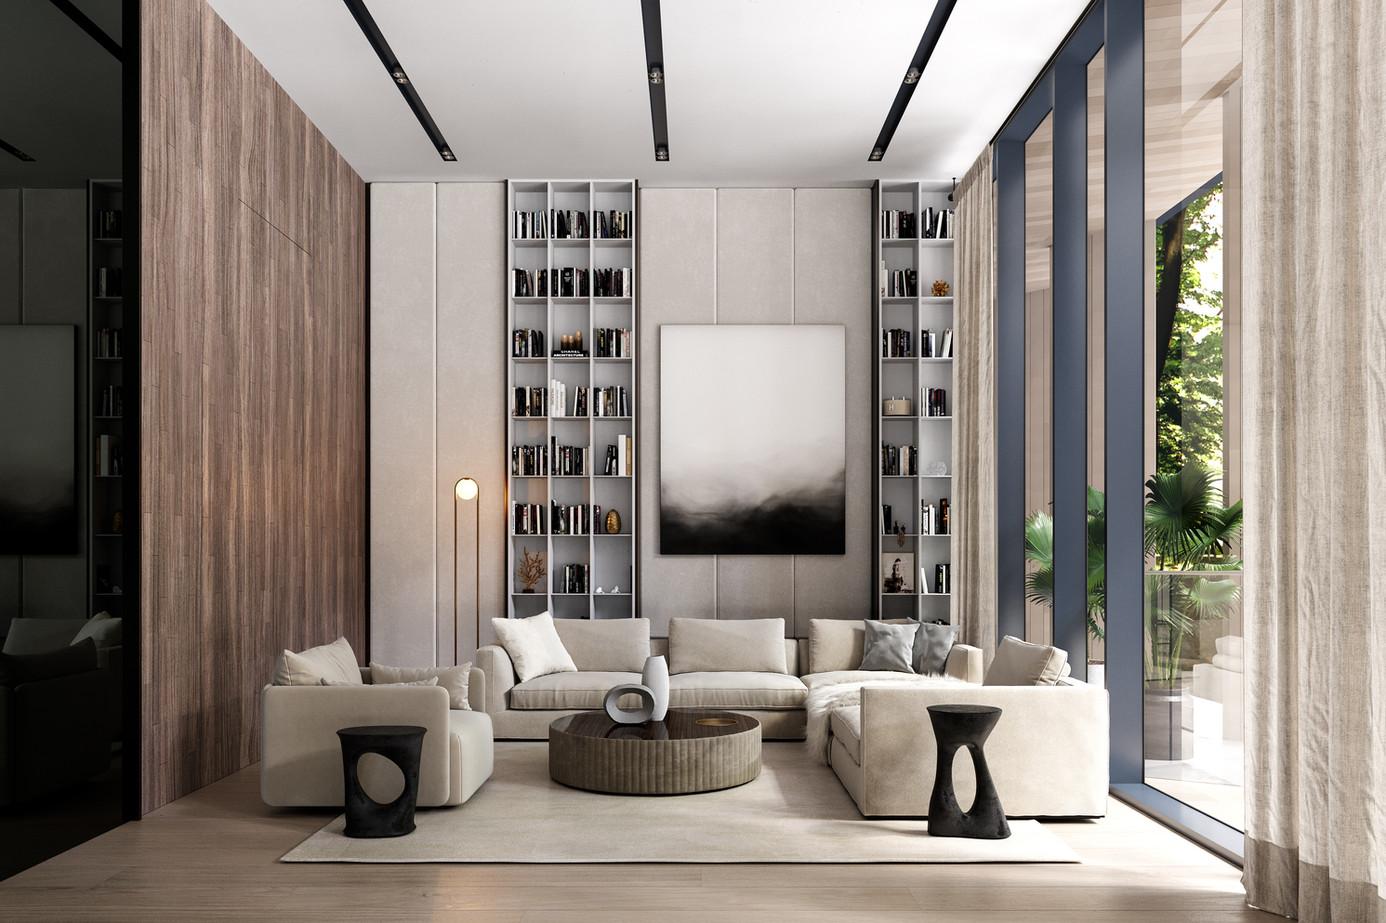 SCDA001_V01 living room.jpg